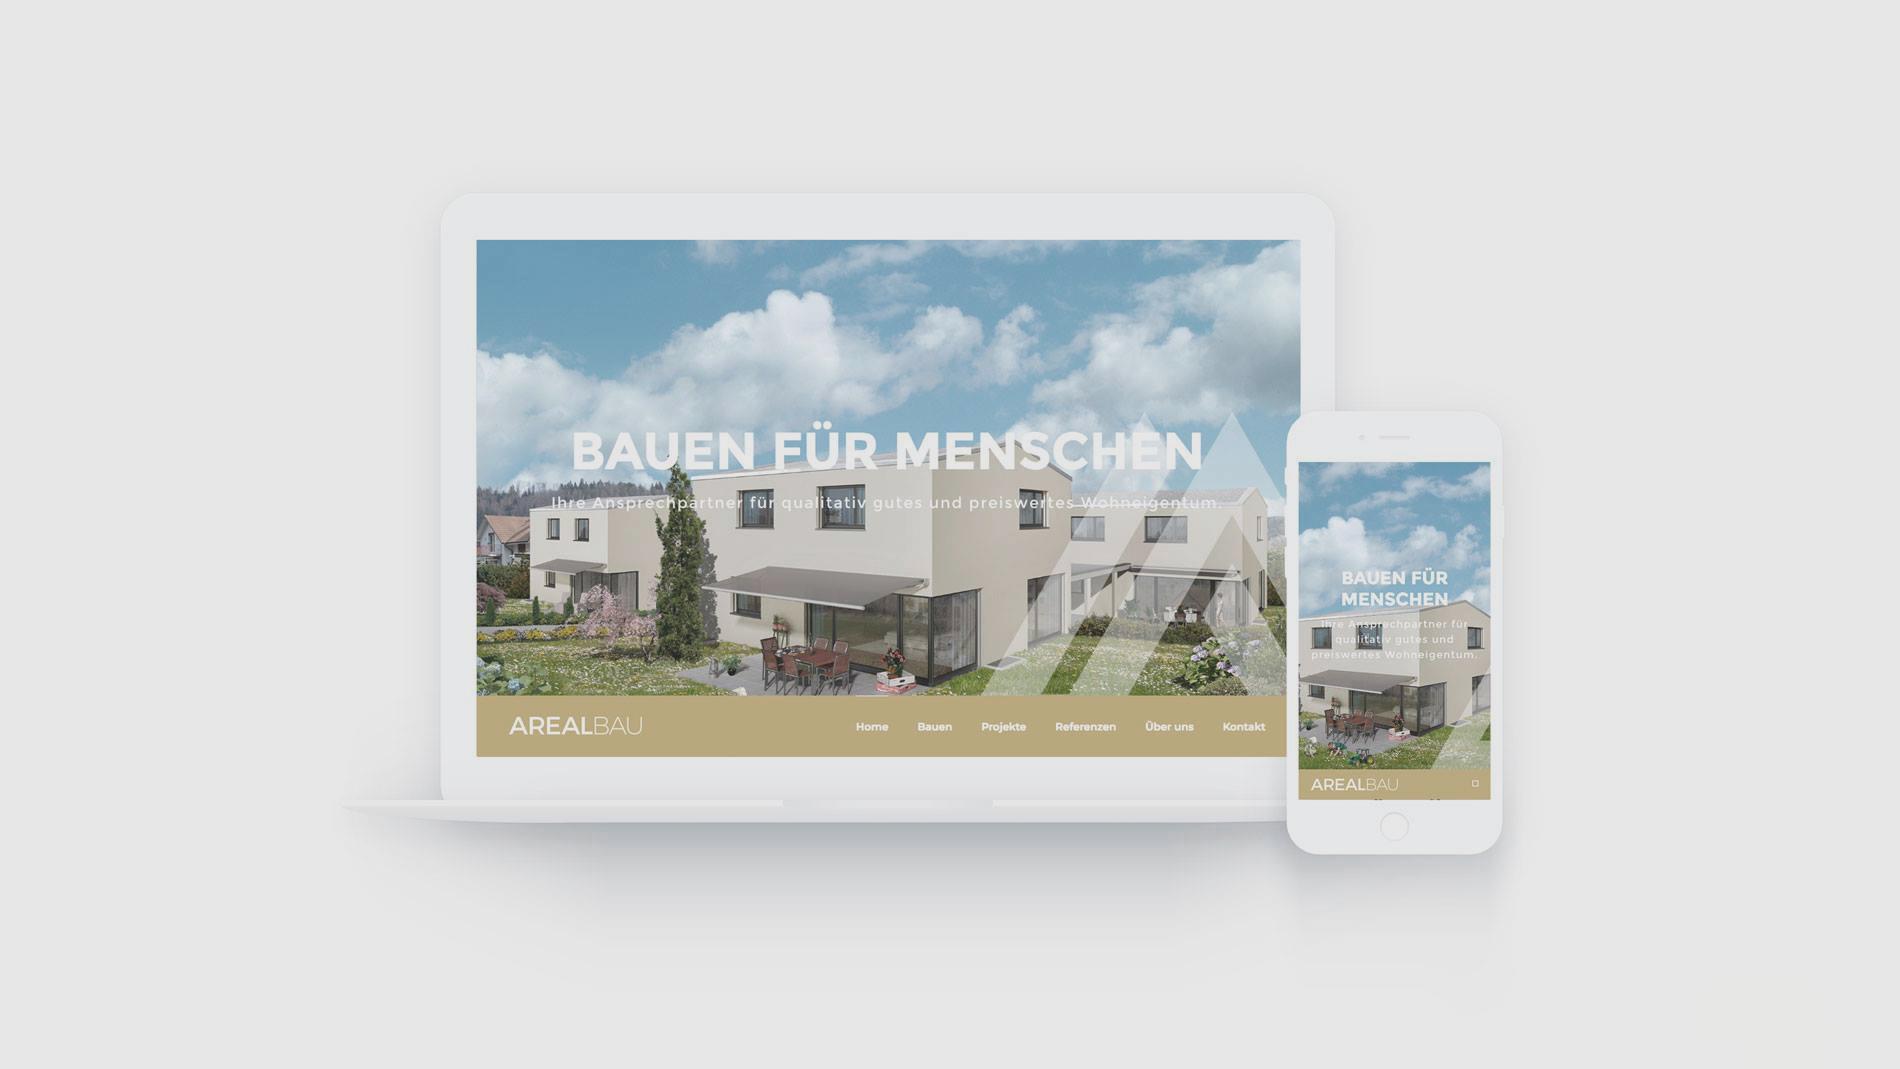 gigermiesch-webdesign-arealbau